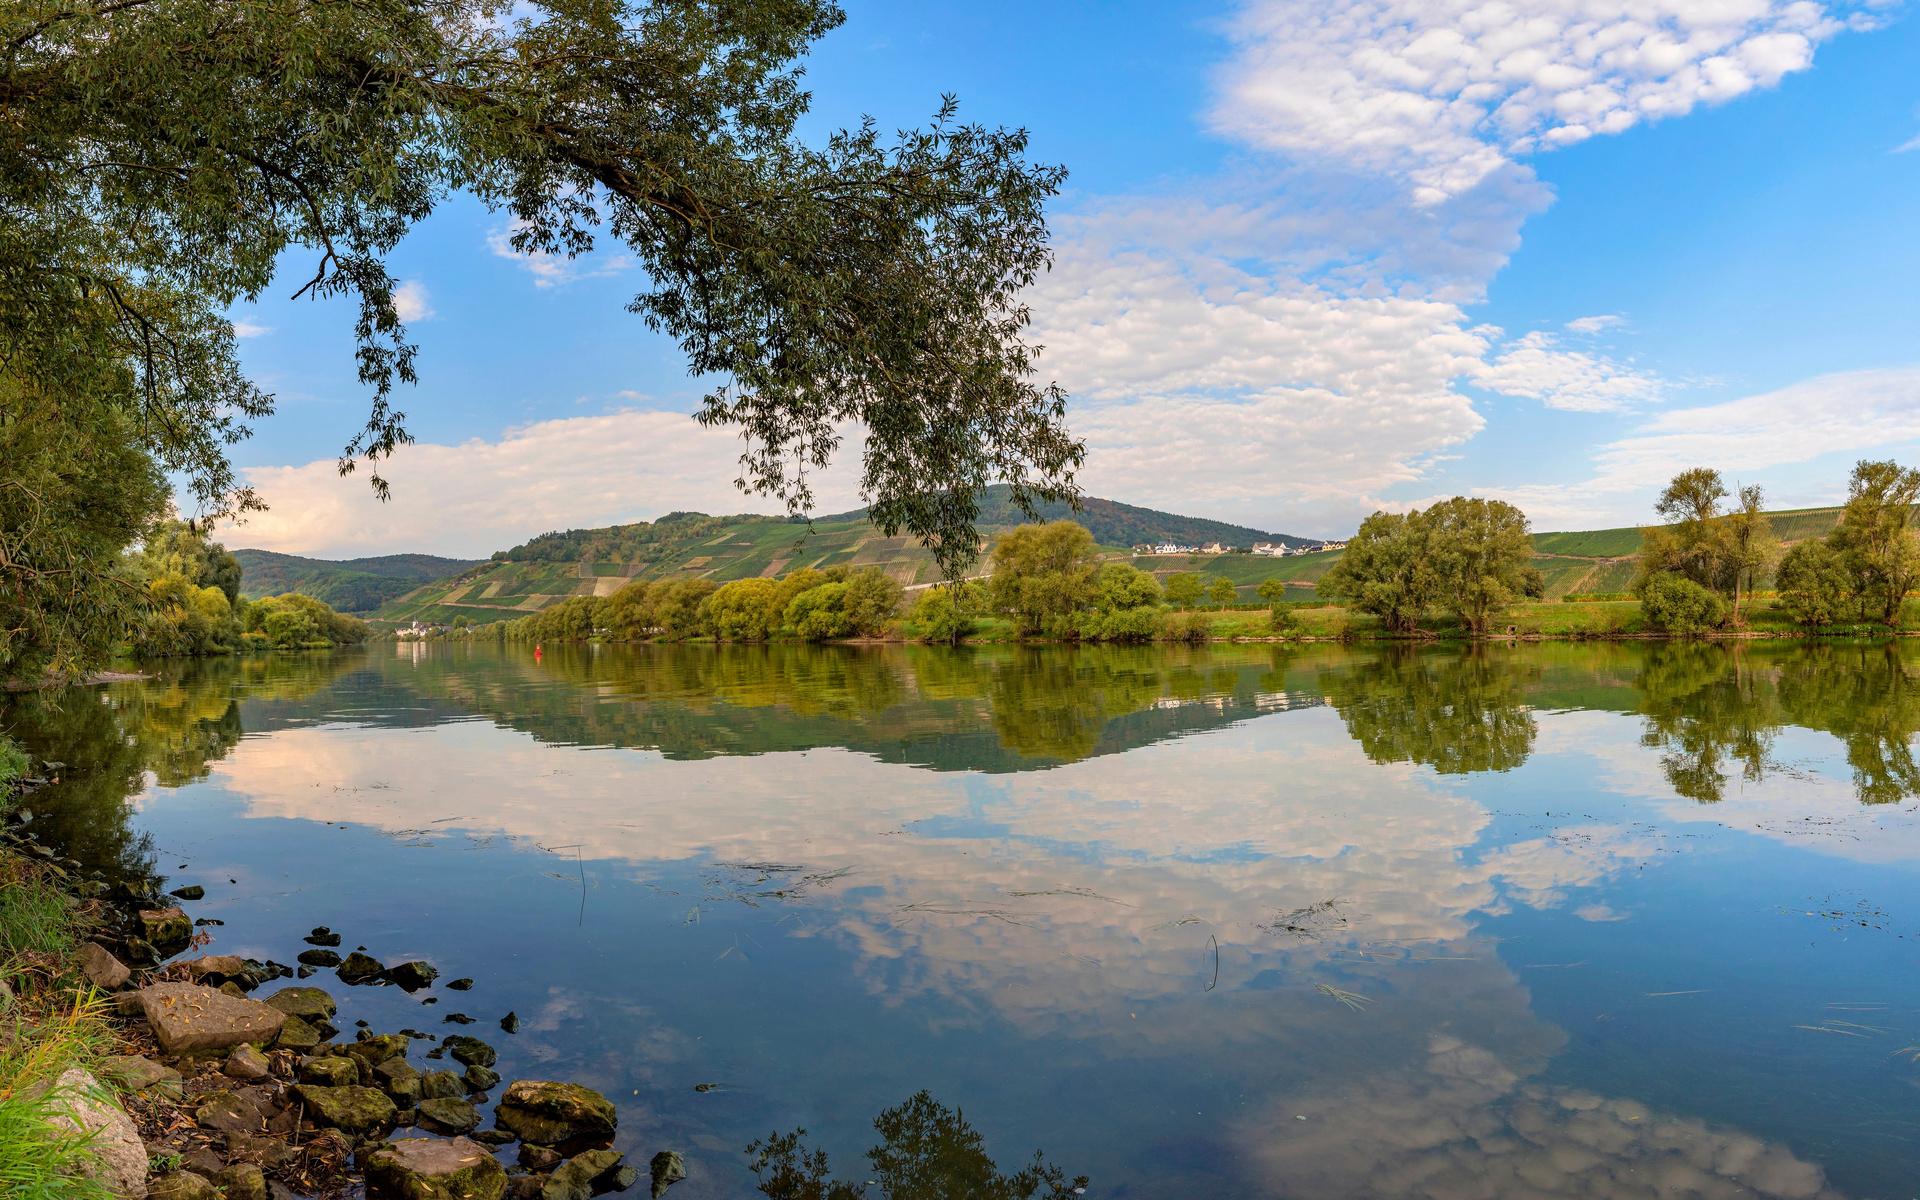 германия, небо, mosel river, деревья, природа